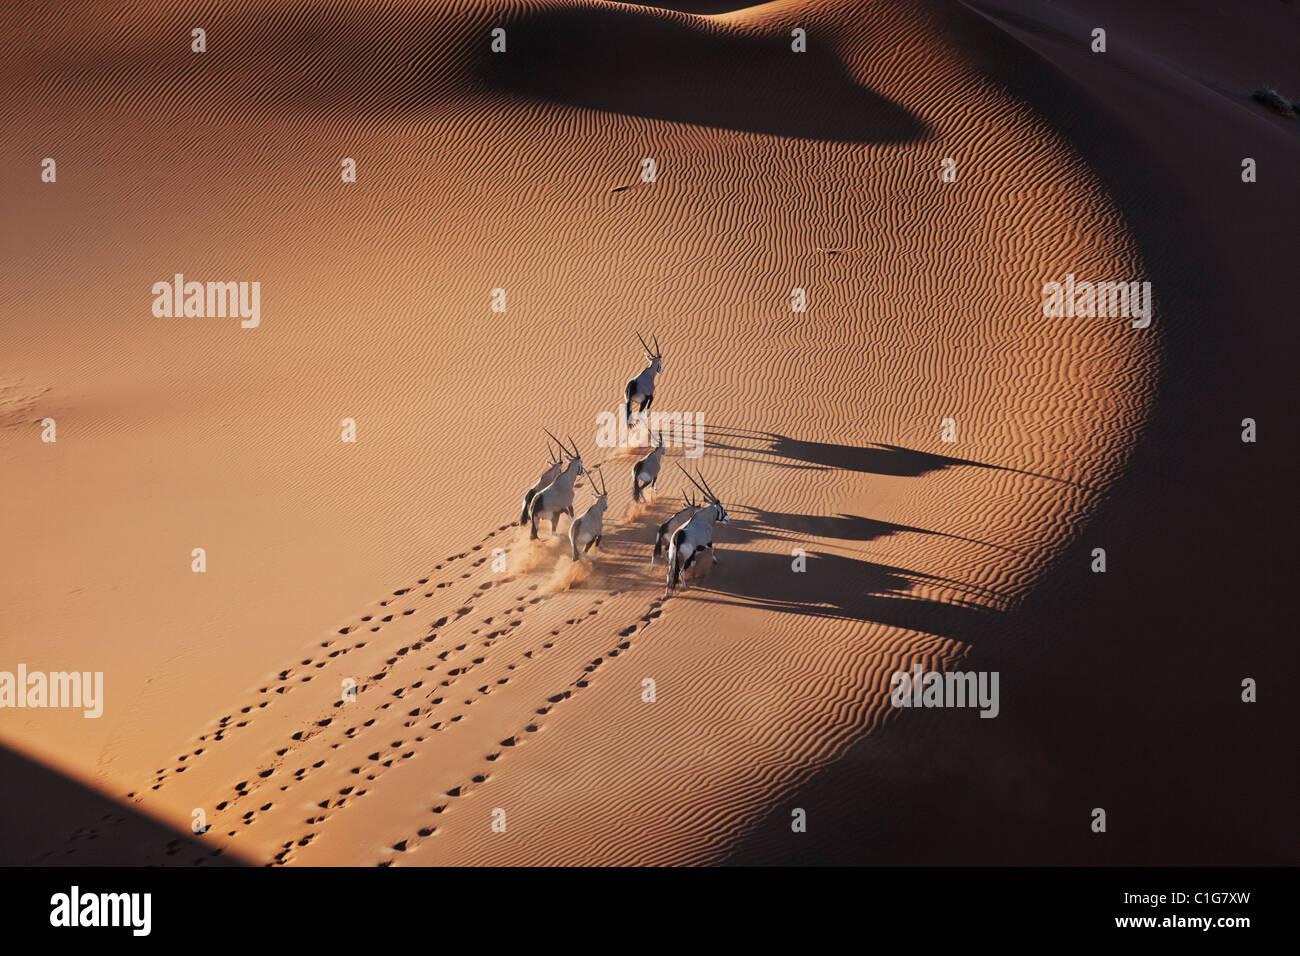 Gemsbok (Oryx gazella) en el típico hábitat del desierto de dunas de arena del desierto de Namibia Imagen De Stock